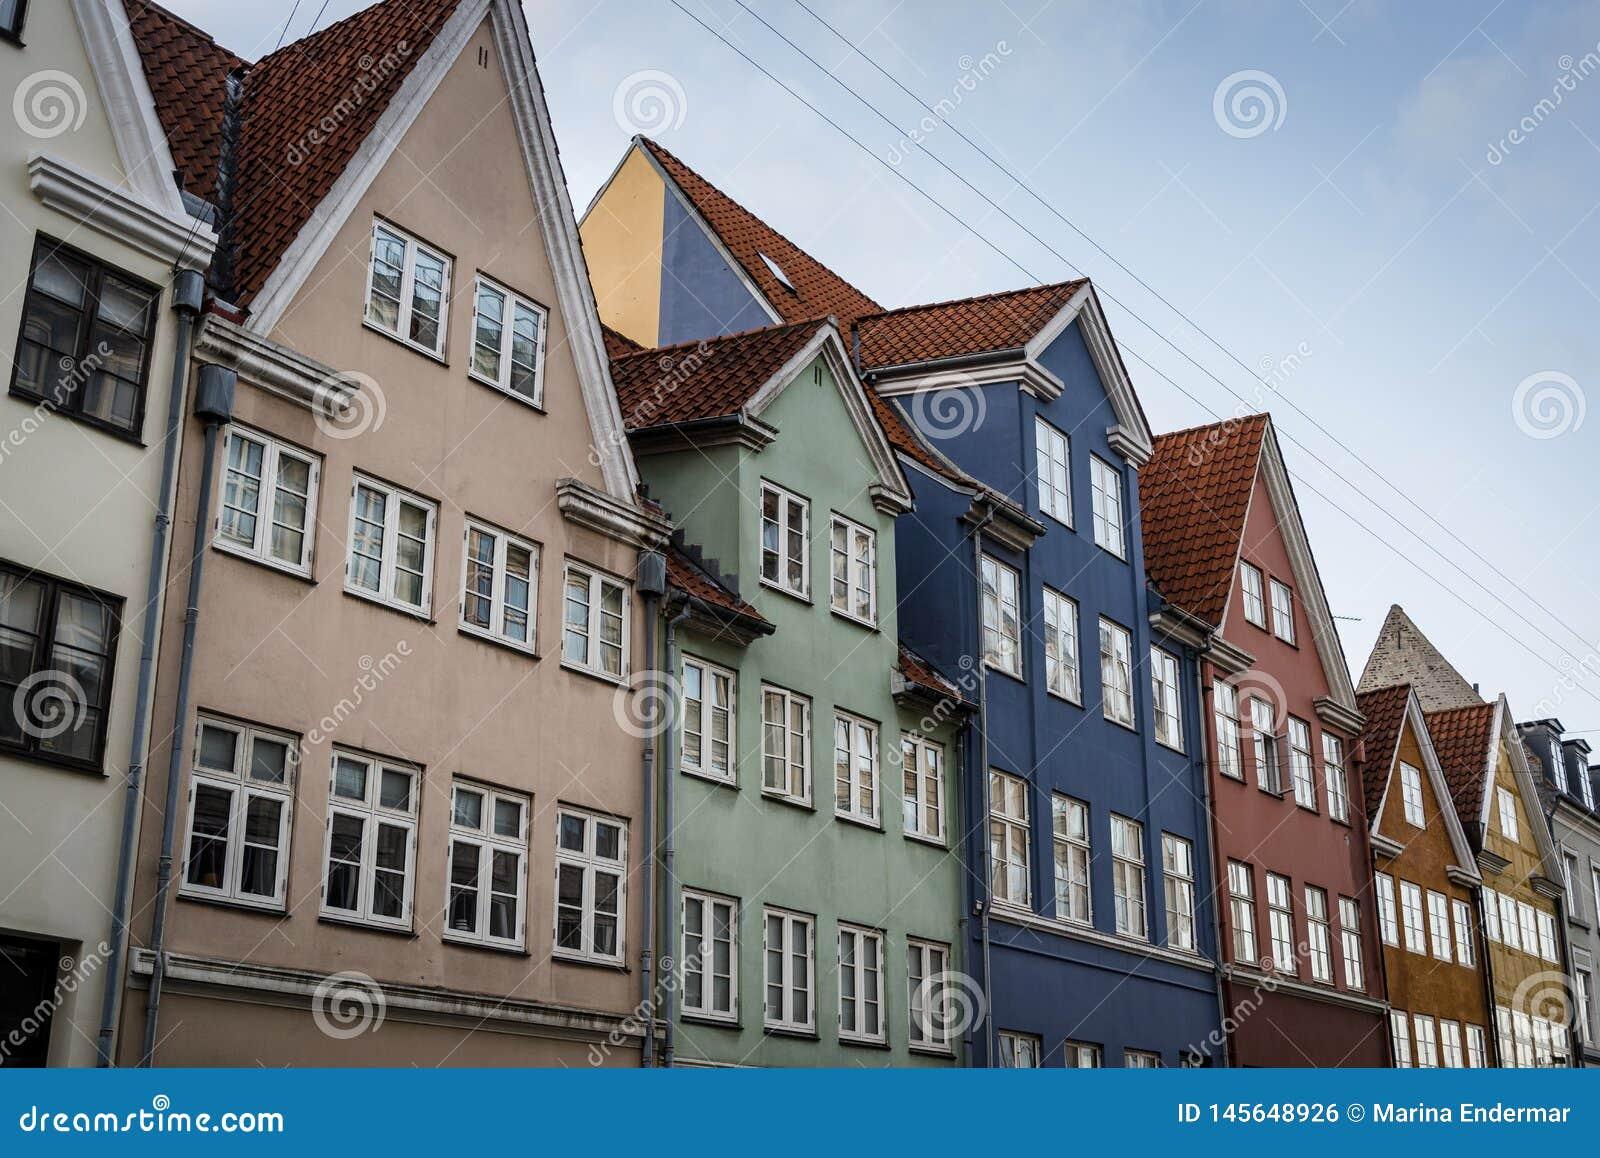 Casas históricas coloridas, Copenhaga, Dinamarca